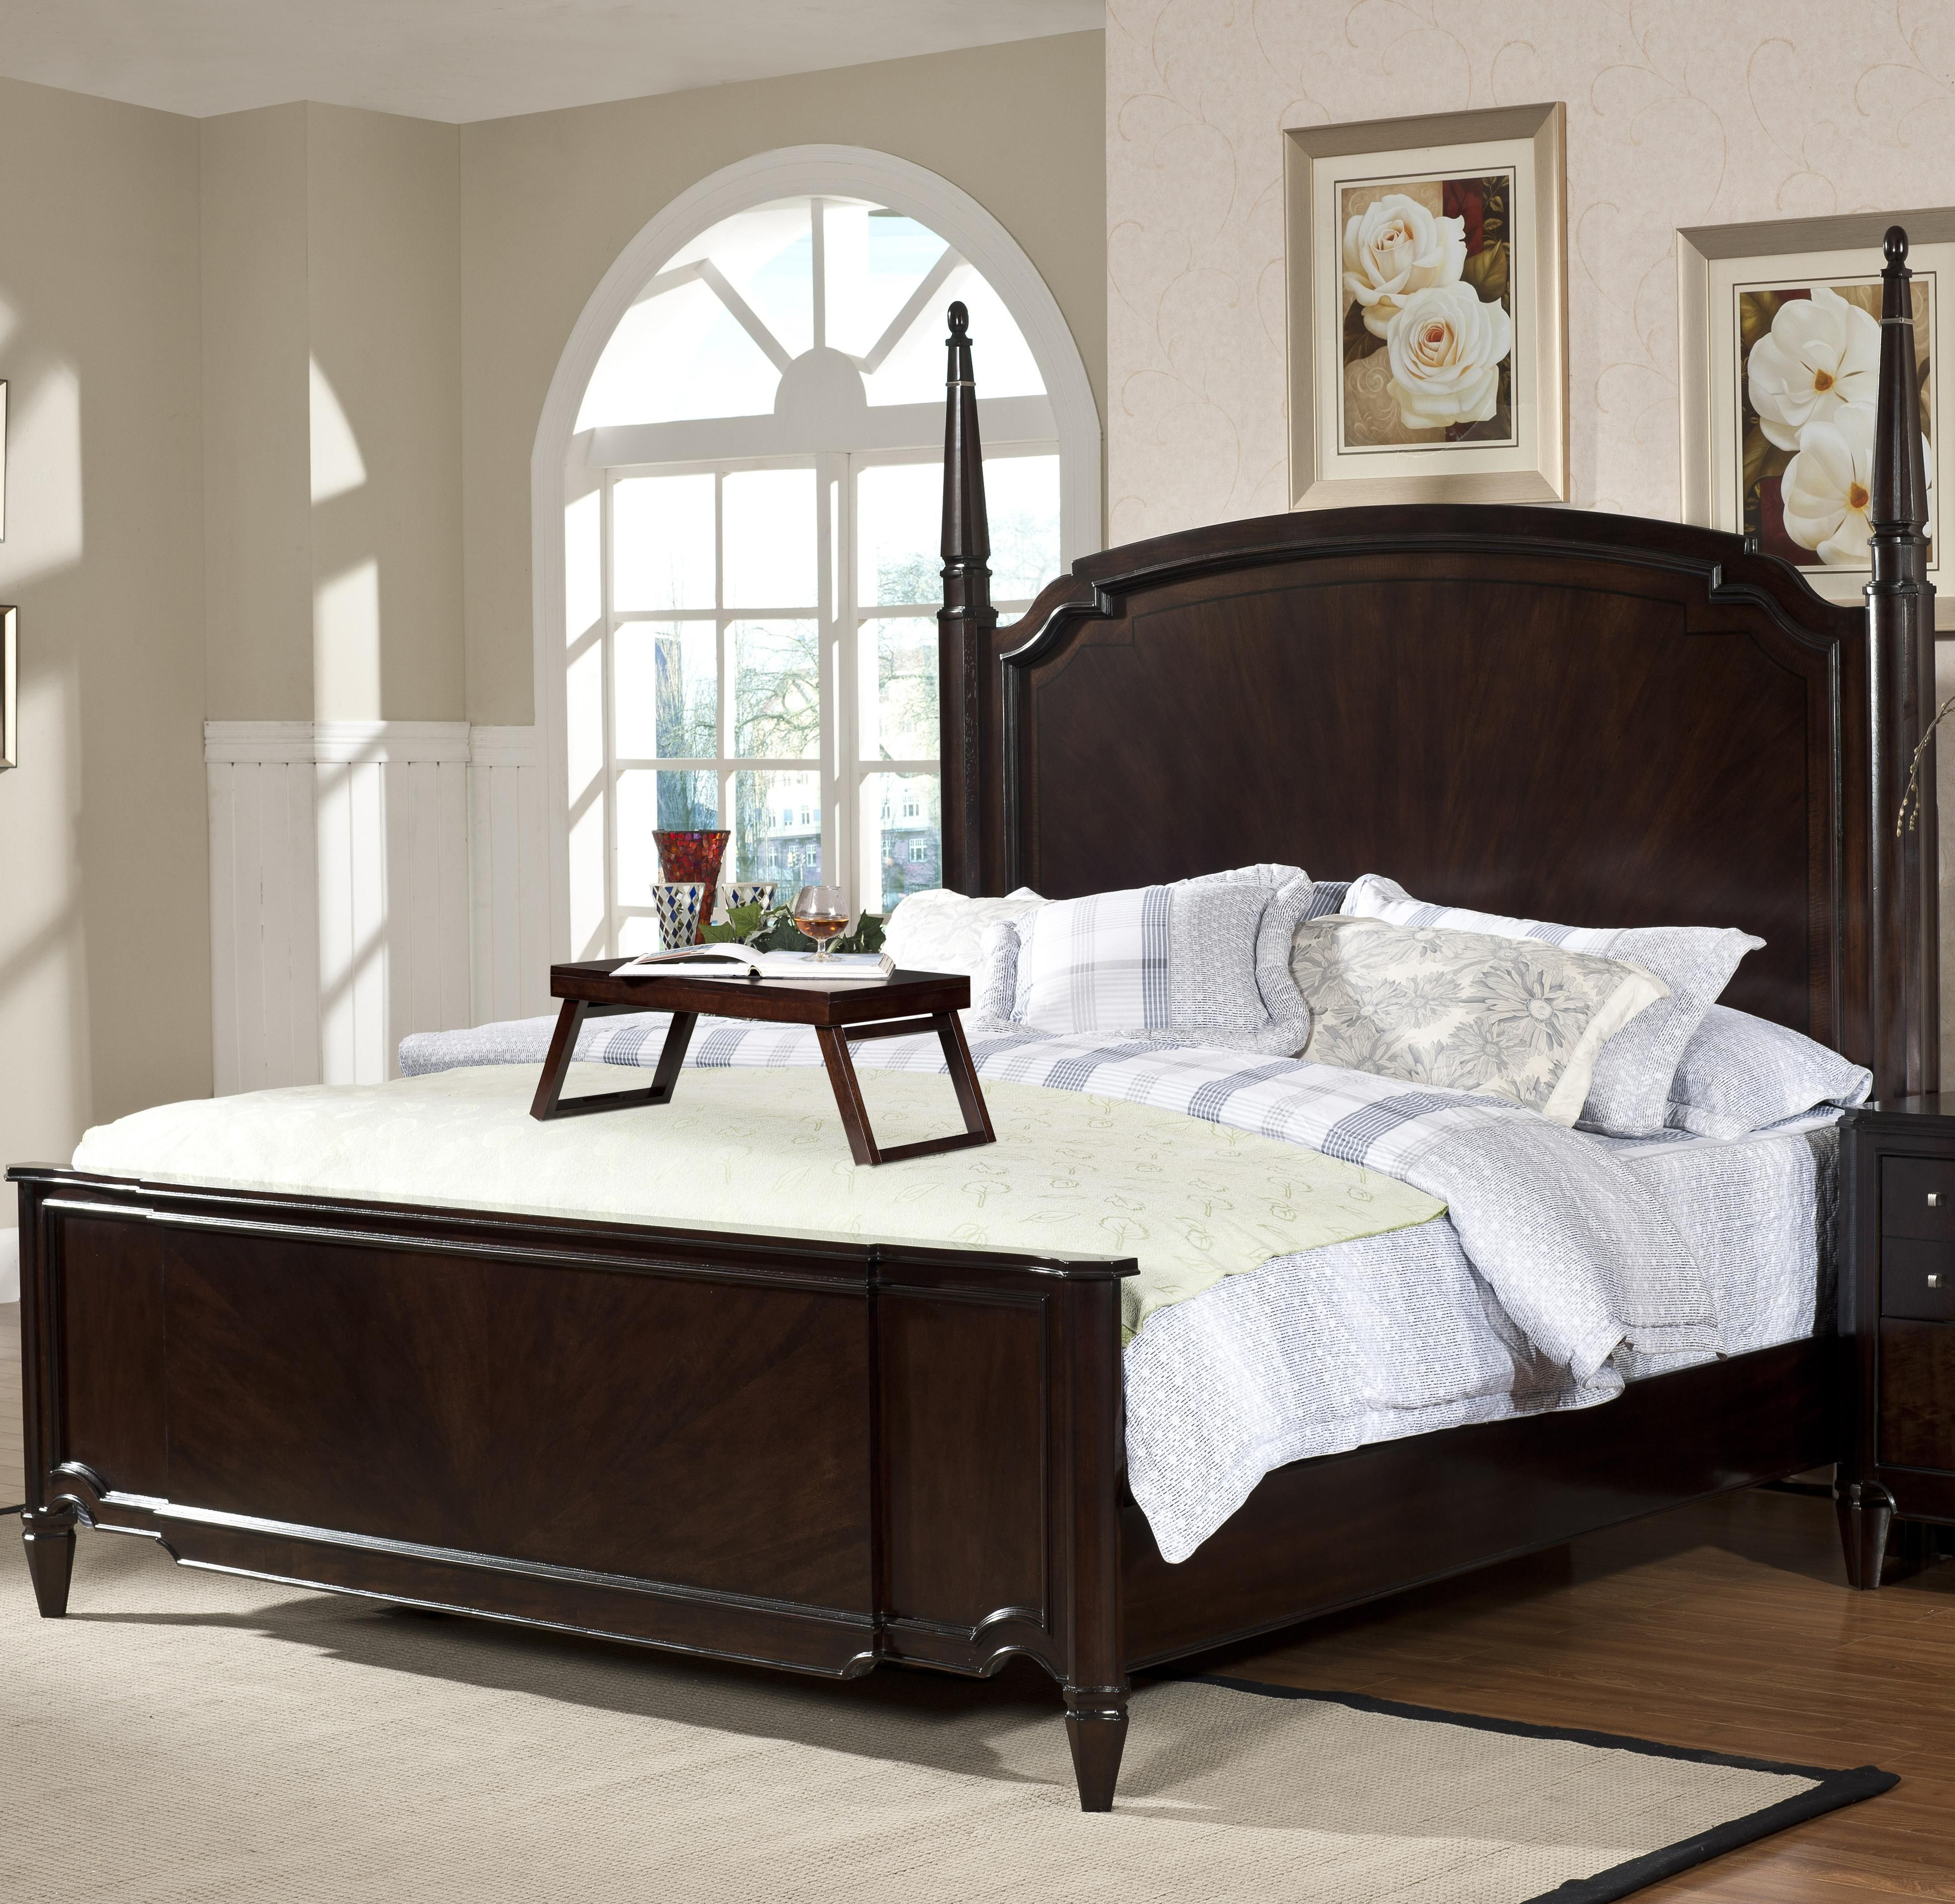 Fairmont Designs Bedroom Sets Fair Milieu Park Queen Bedfairmont Designs  Bedroom  Pinterest Decorating Design